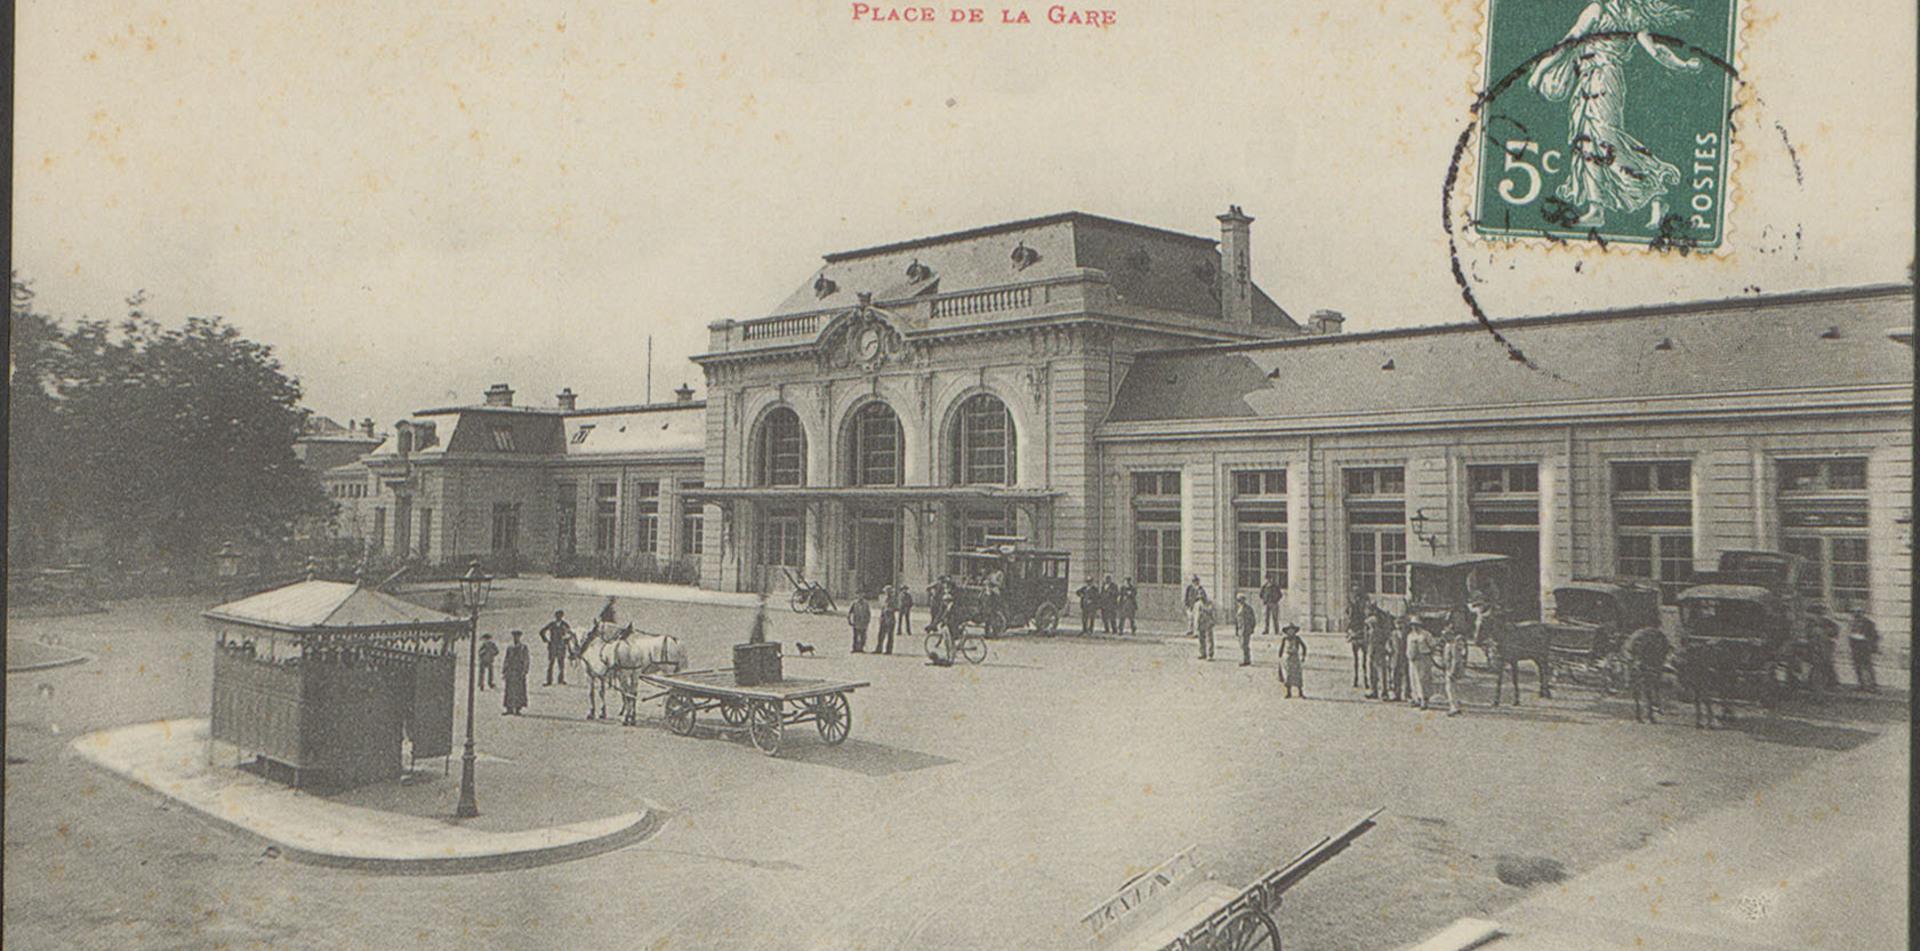 Contenu du Petit voyage en train durant le front populaire